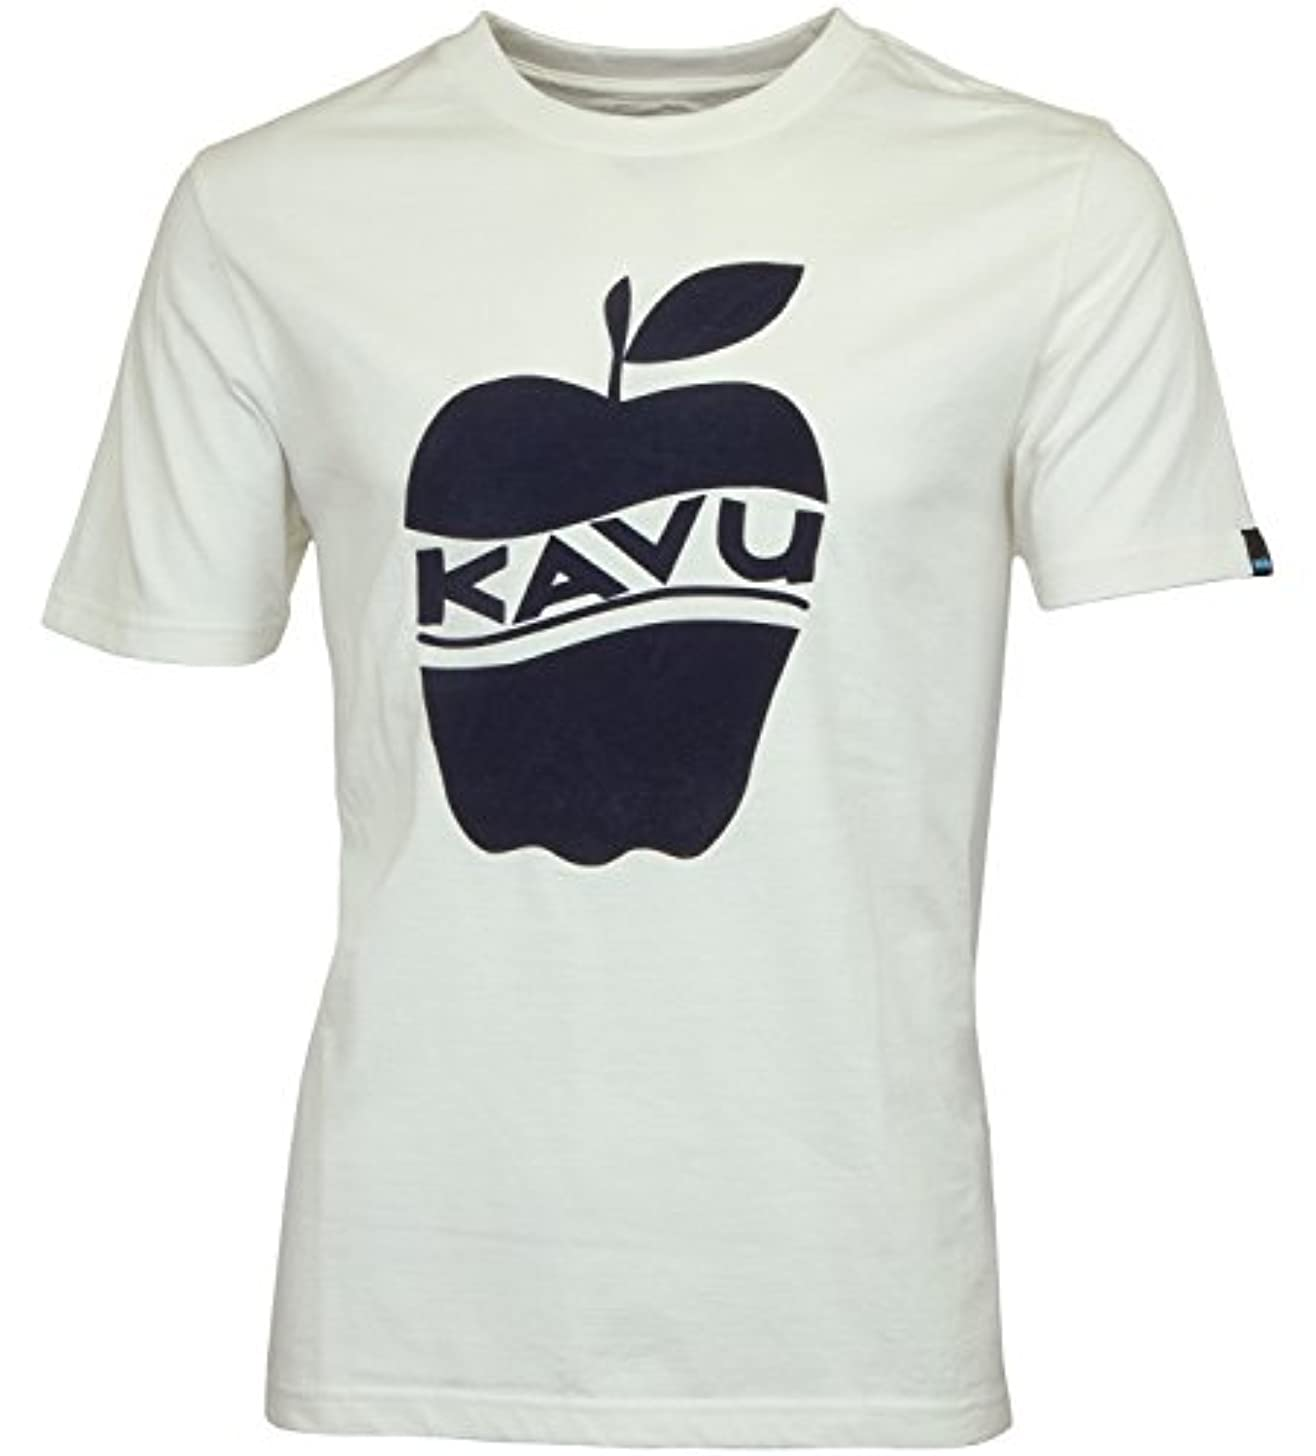 雑種効能ある希少性(カブー)KAVU Apple Tee